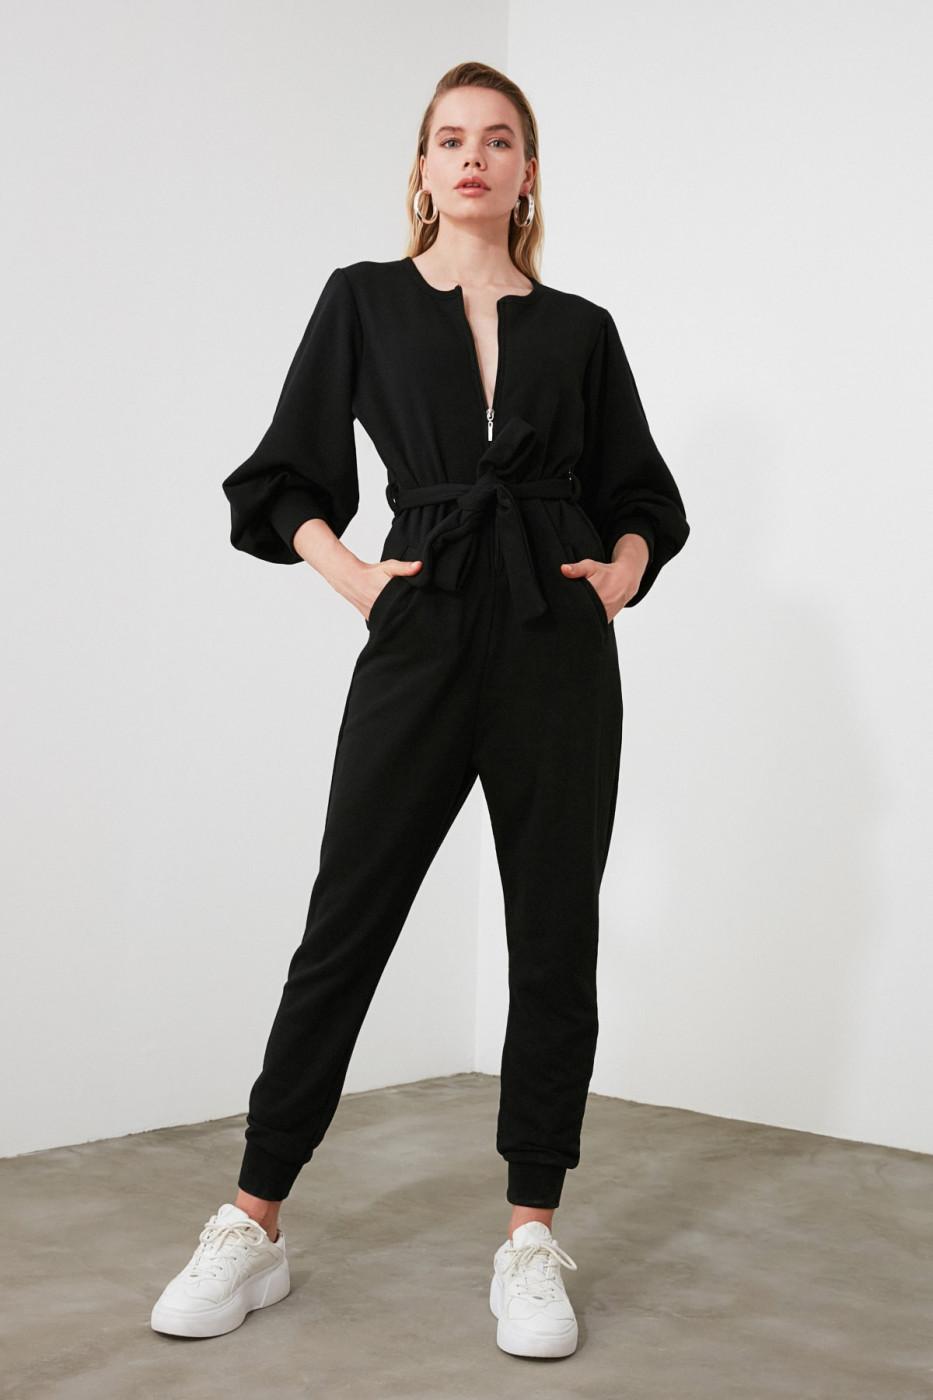 Trendyol Black Back Detailed Knitted Jumpsuit